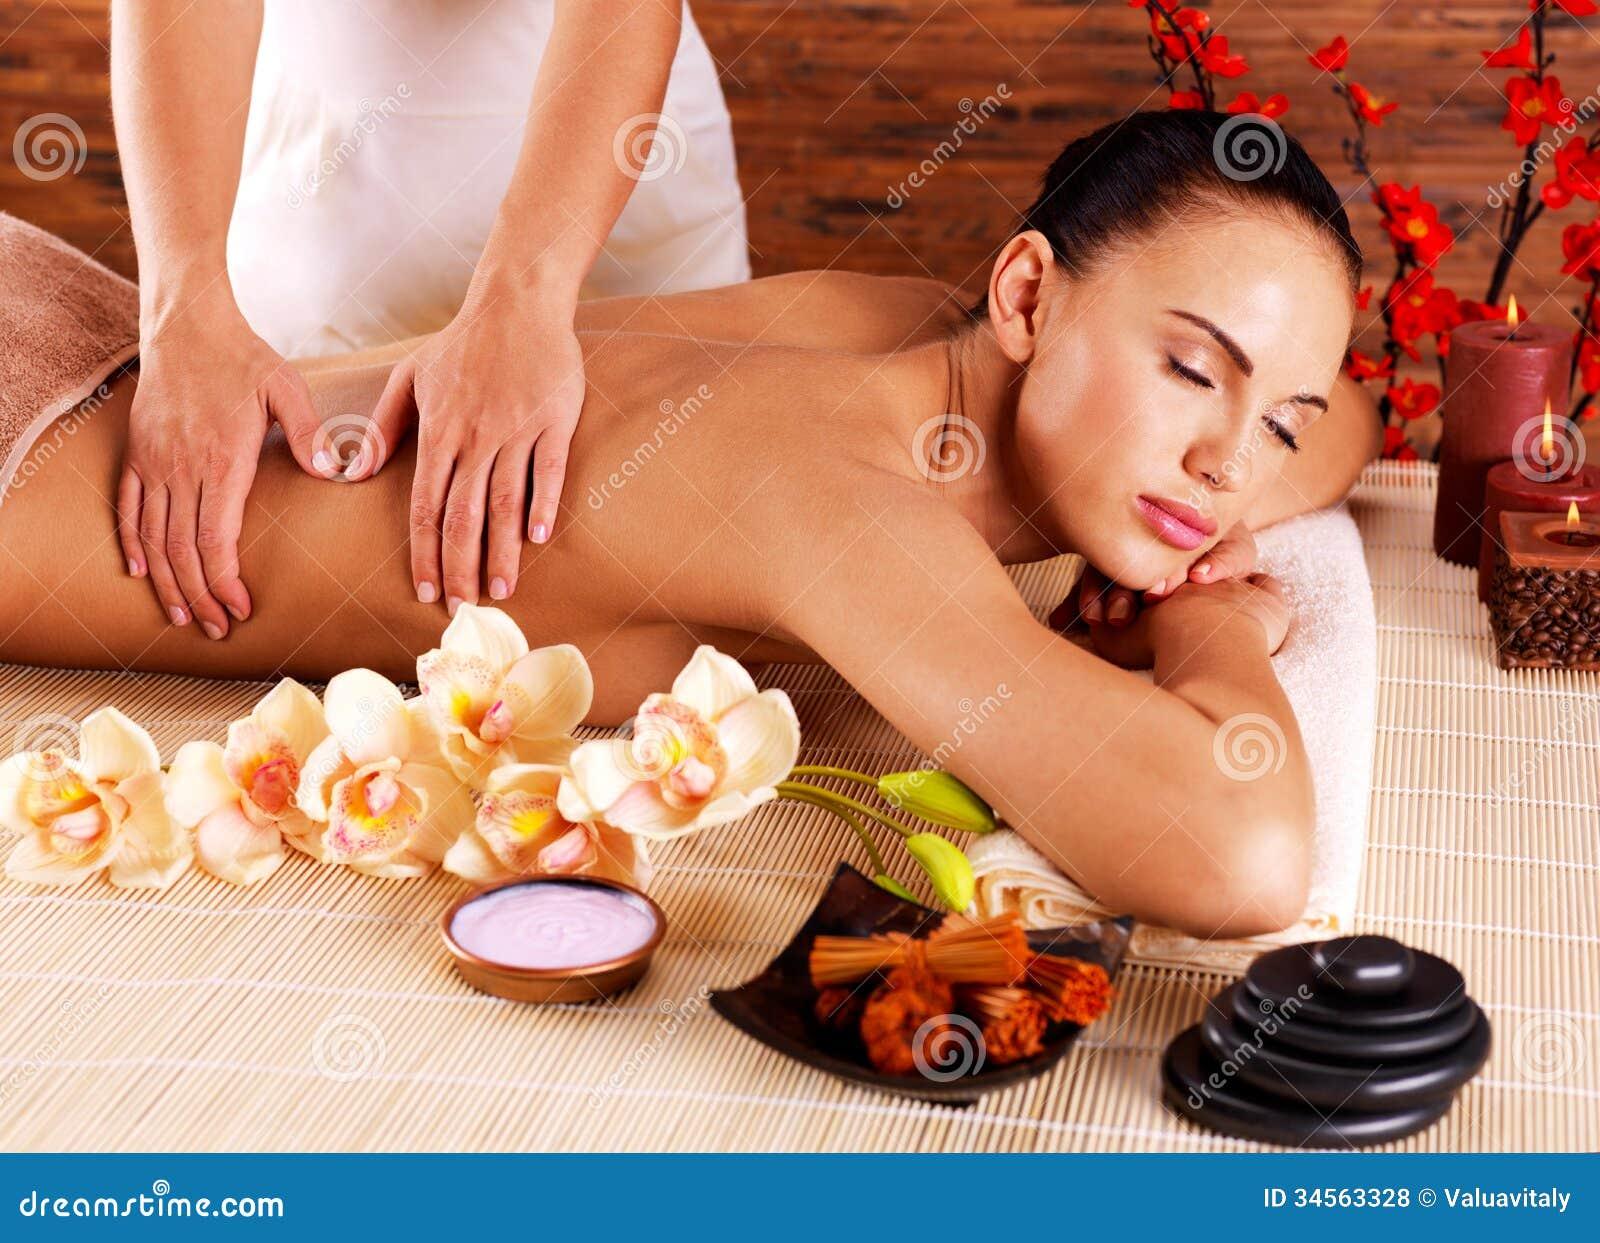 Сделал массаж девочке онлайн 15 фотография